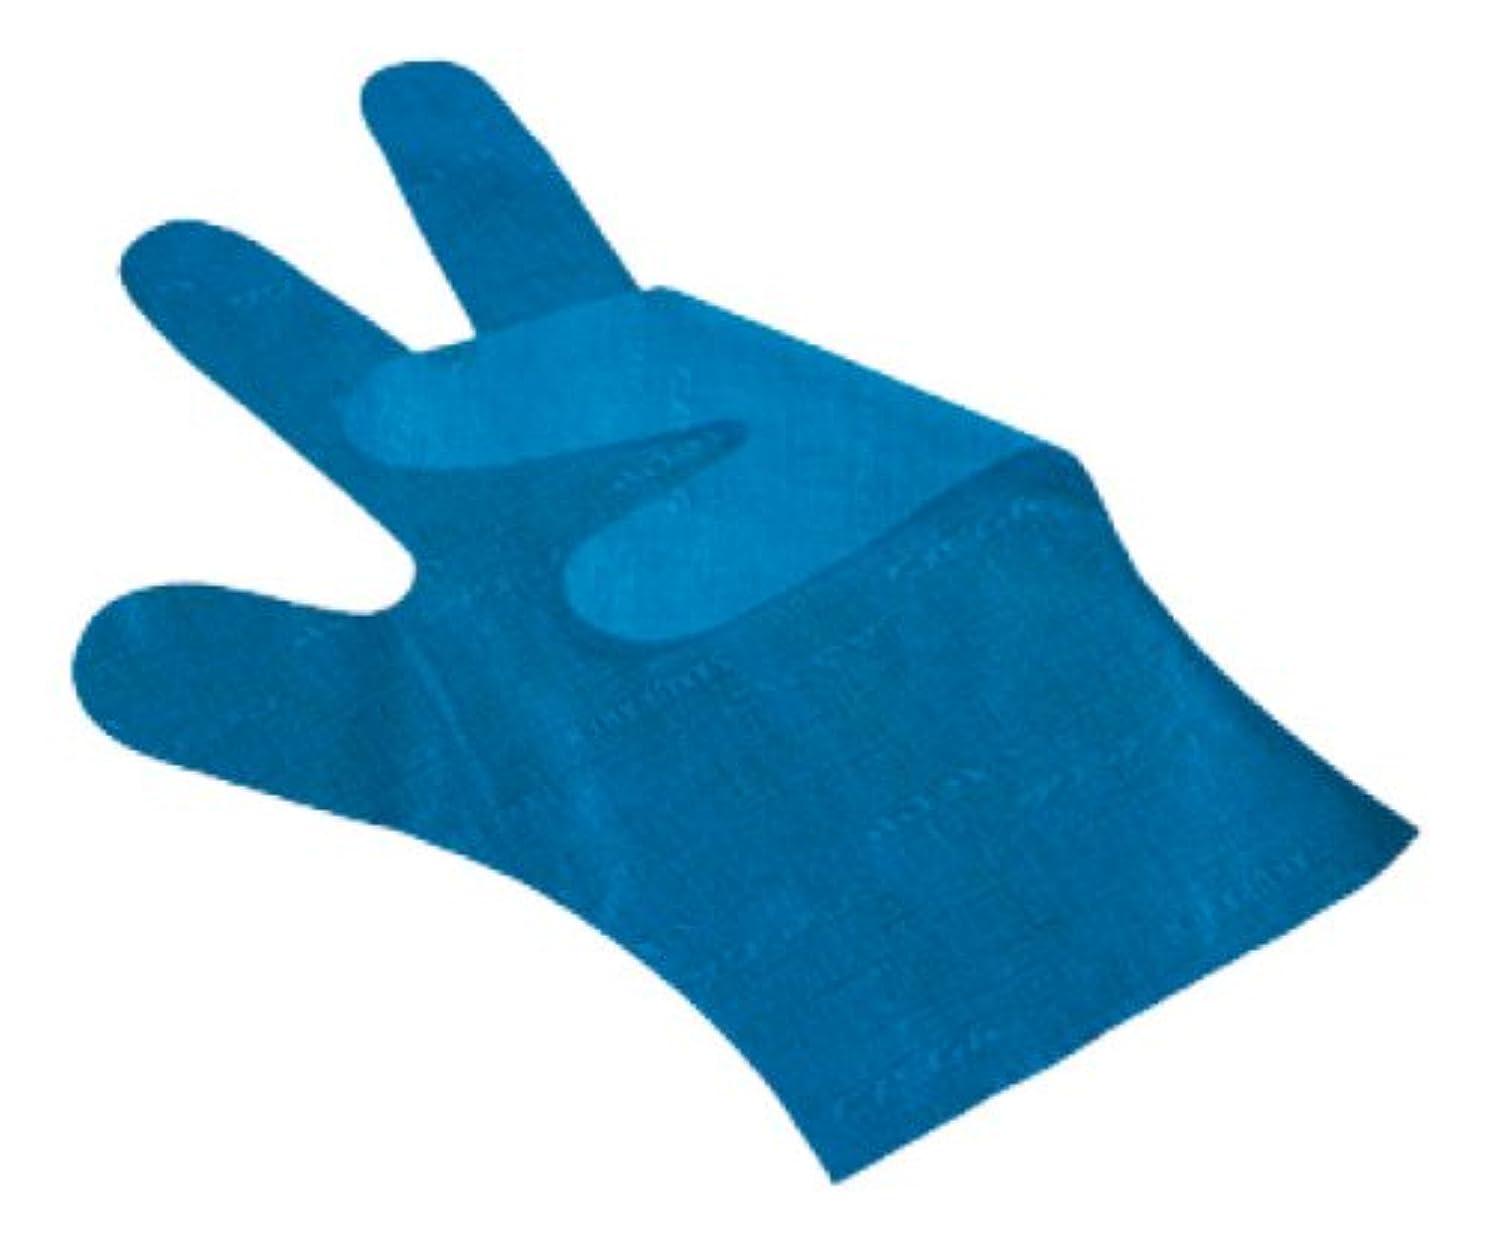 胚雄弁家下るサクラメン手袋 デラックス(100枚入)S ブルー 35μ